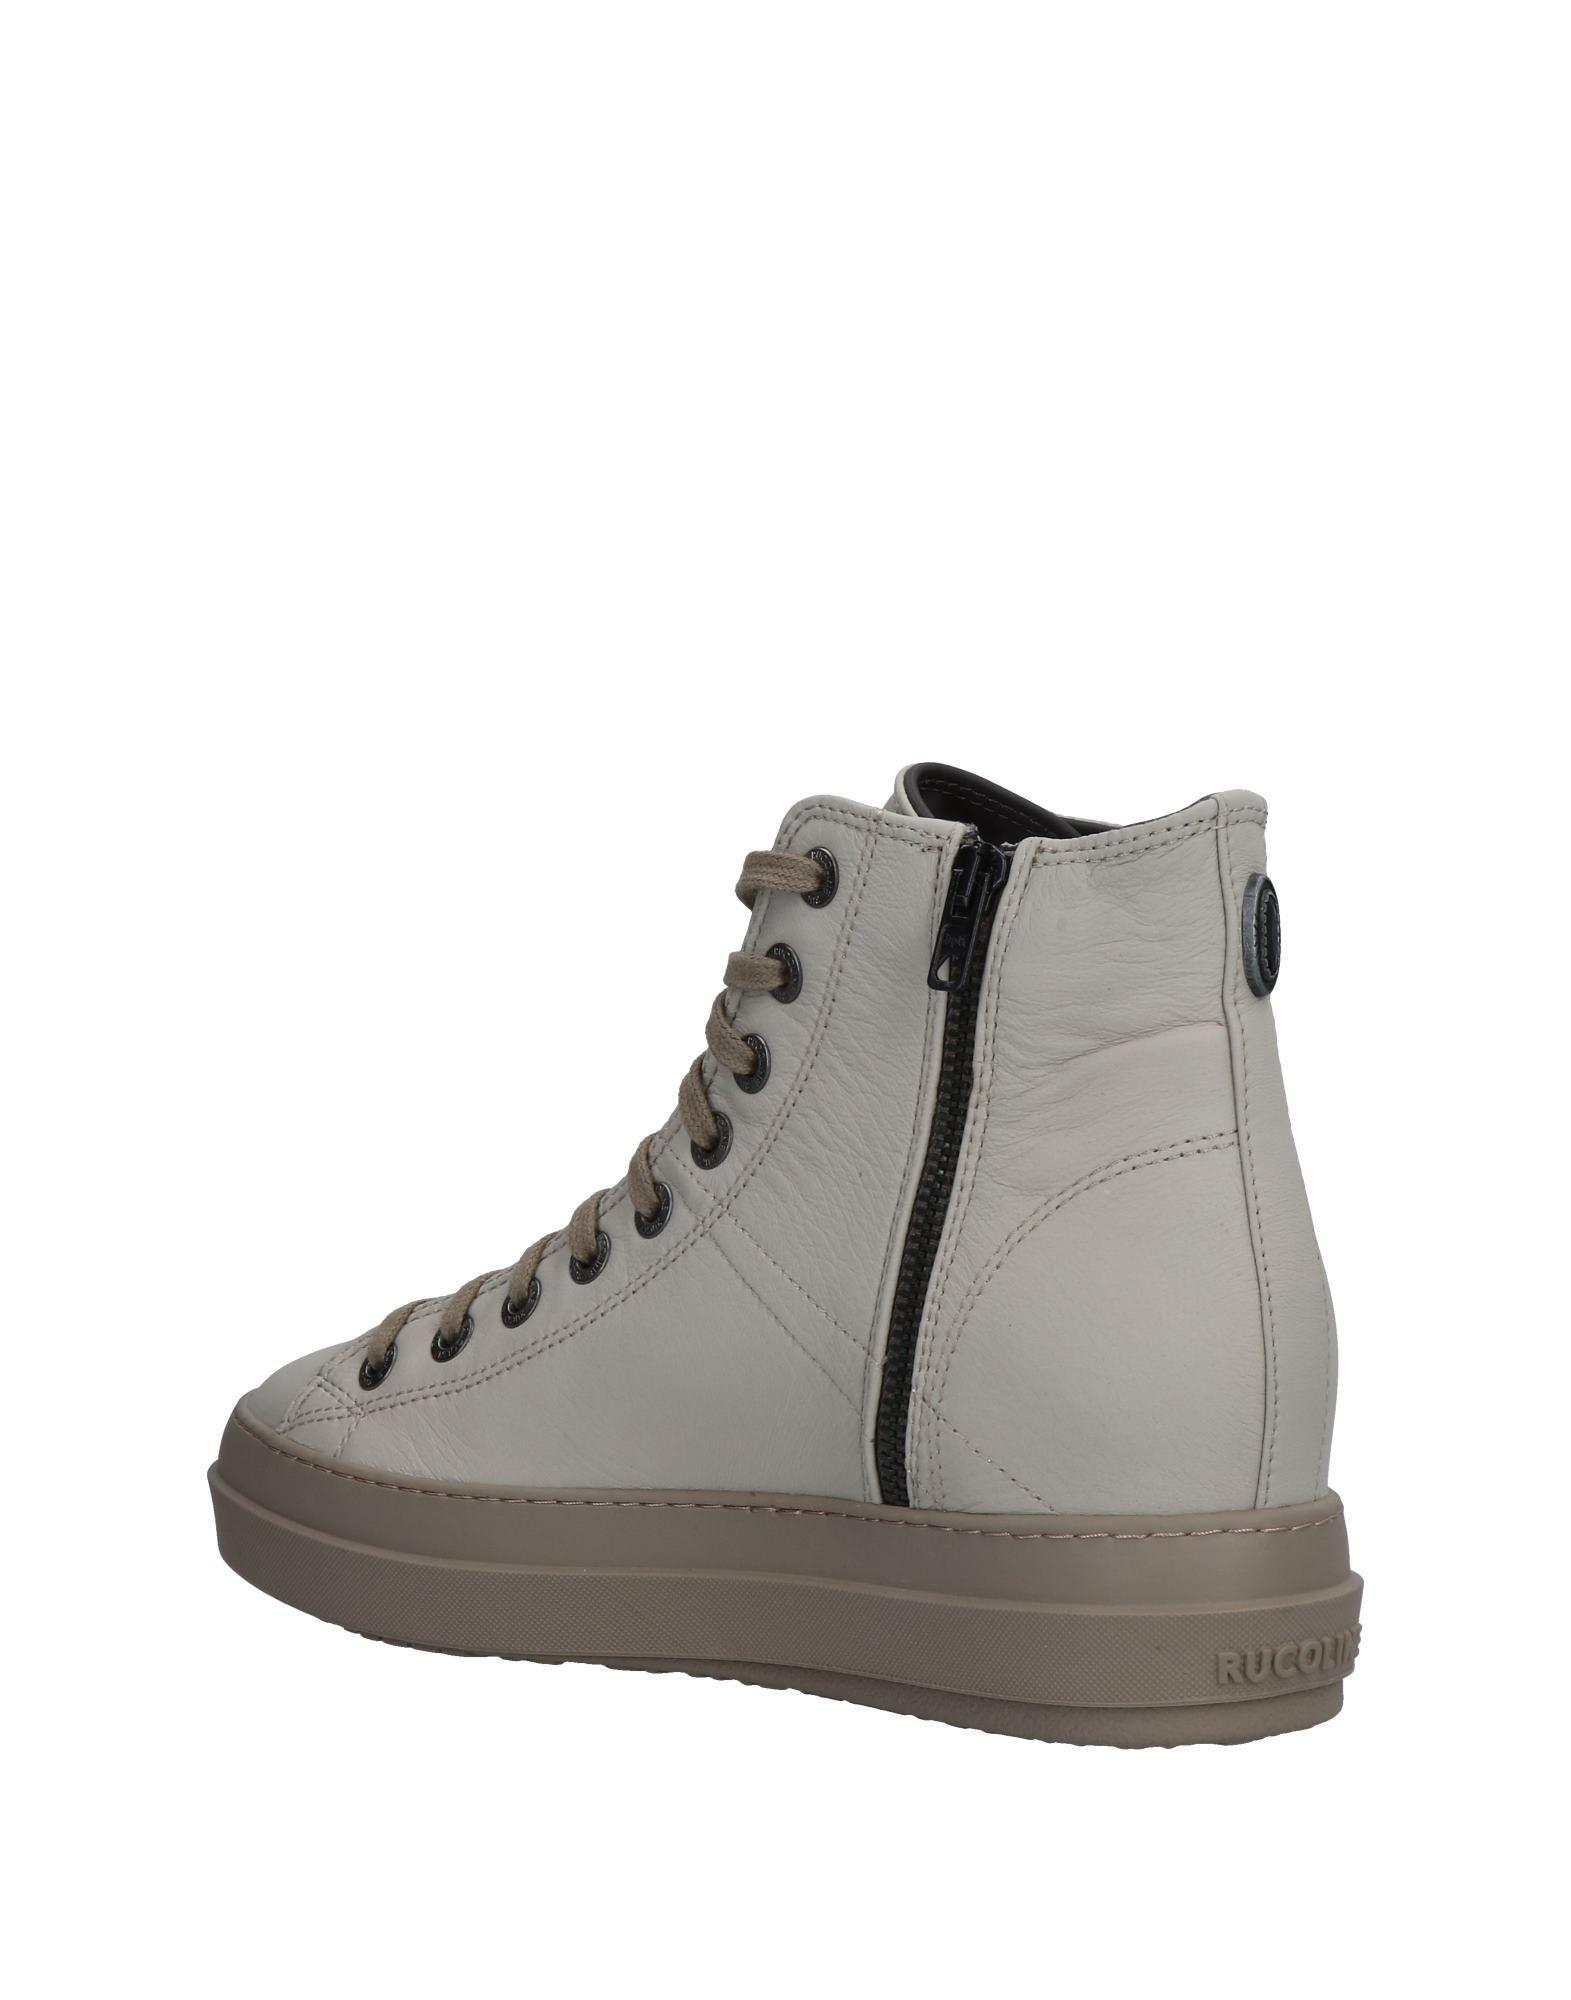 Ruco Line Sneakers Damen Gutes Preis-Leistungs-Verhältnis, es sich lohnt sich es a871de